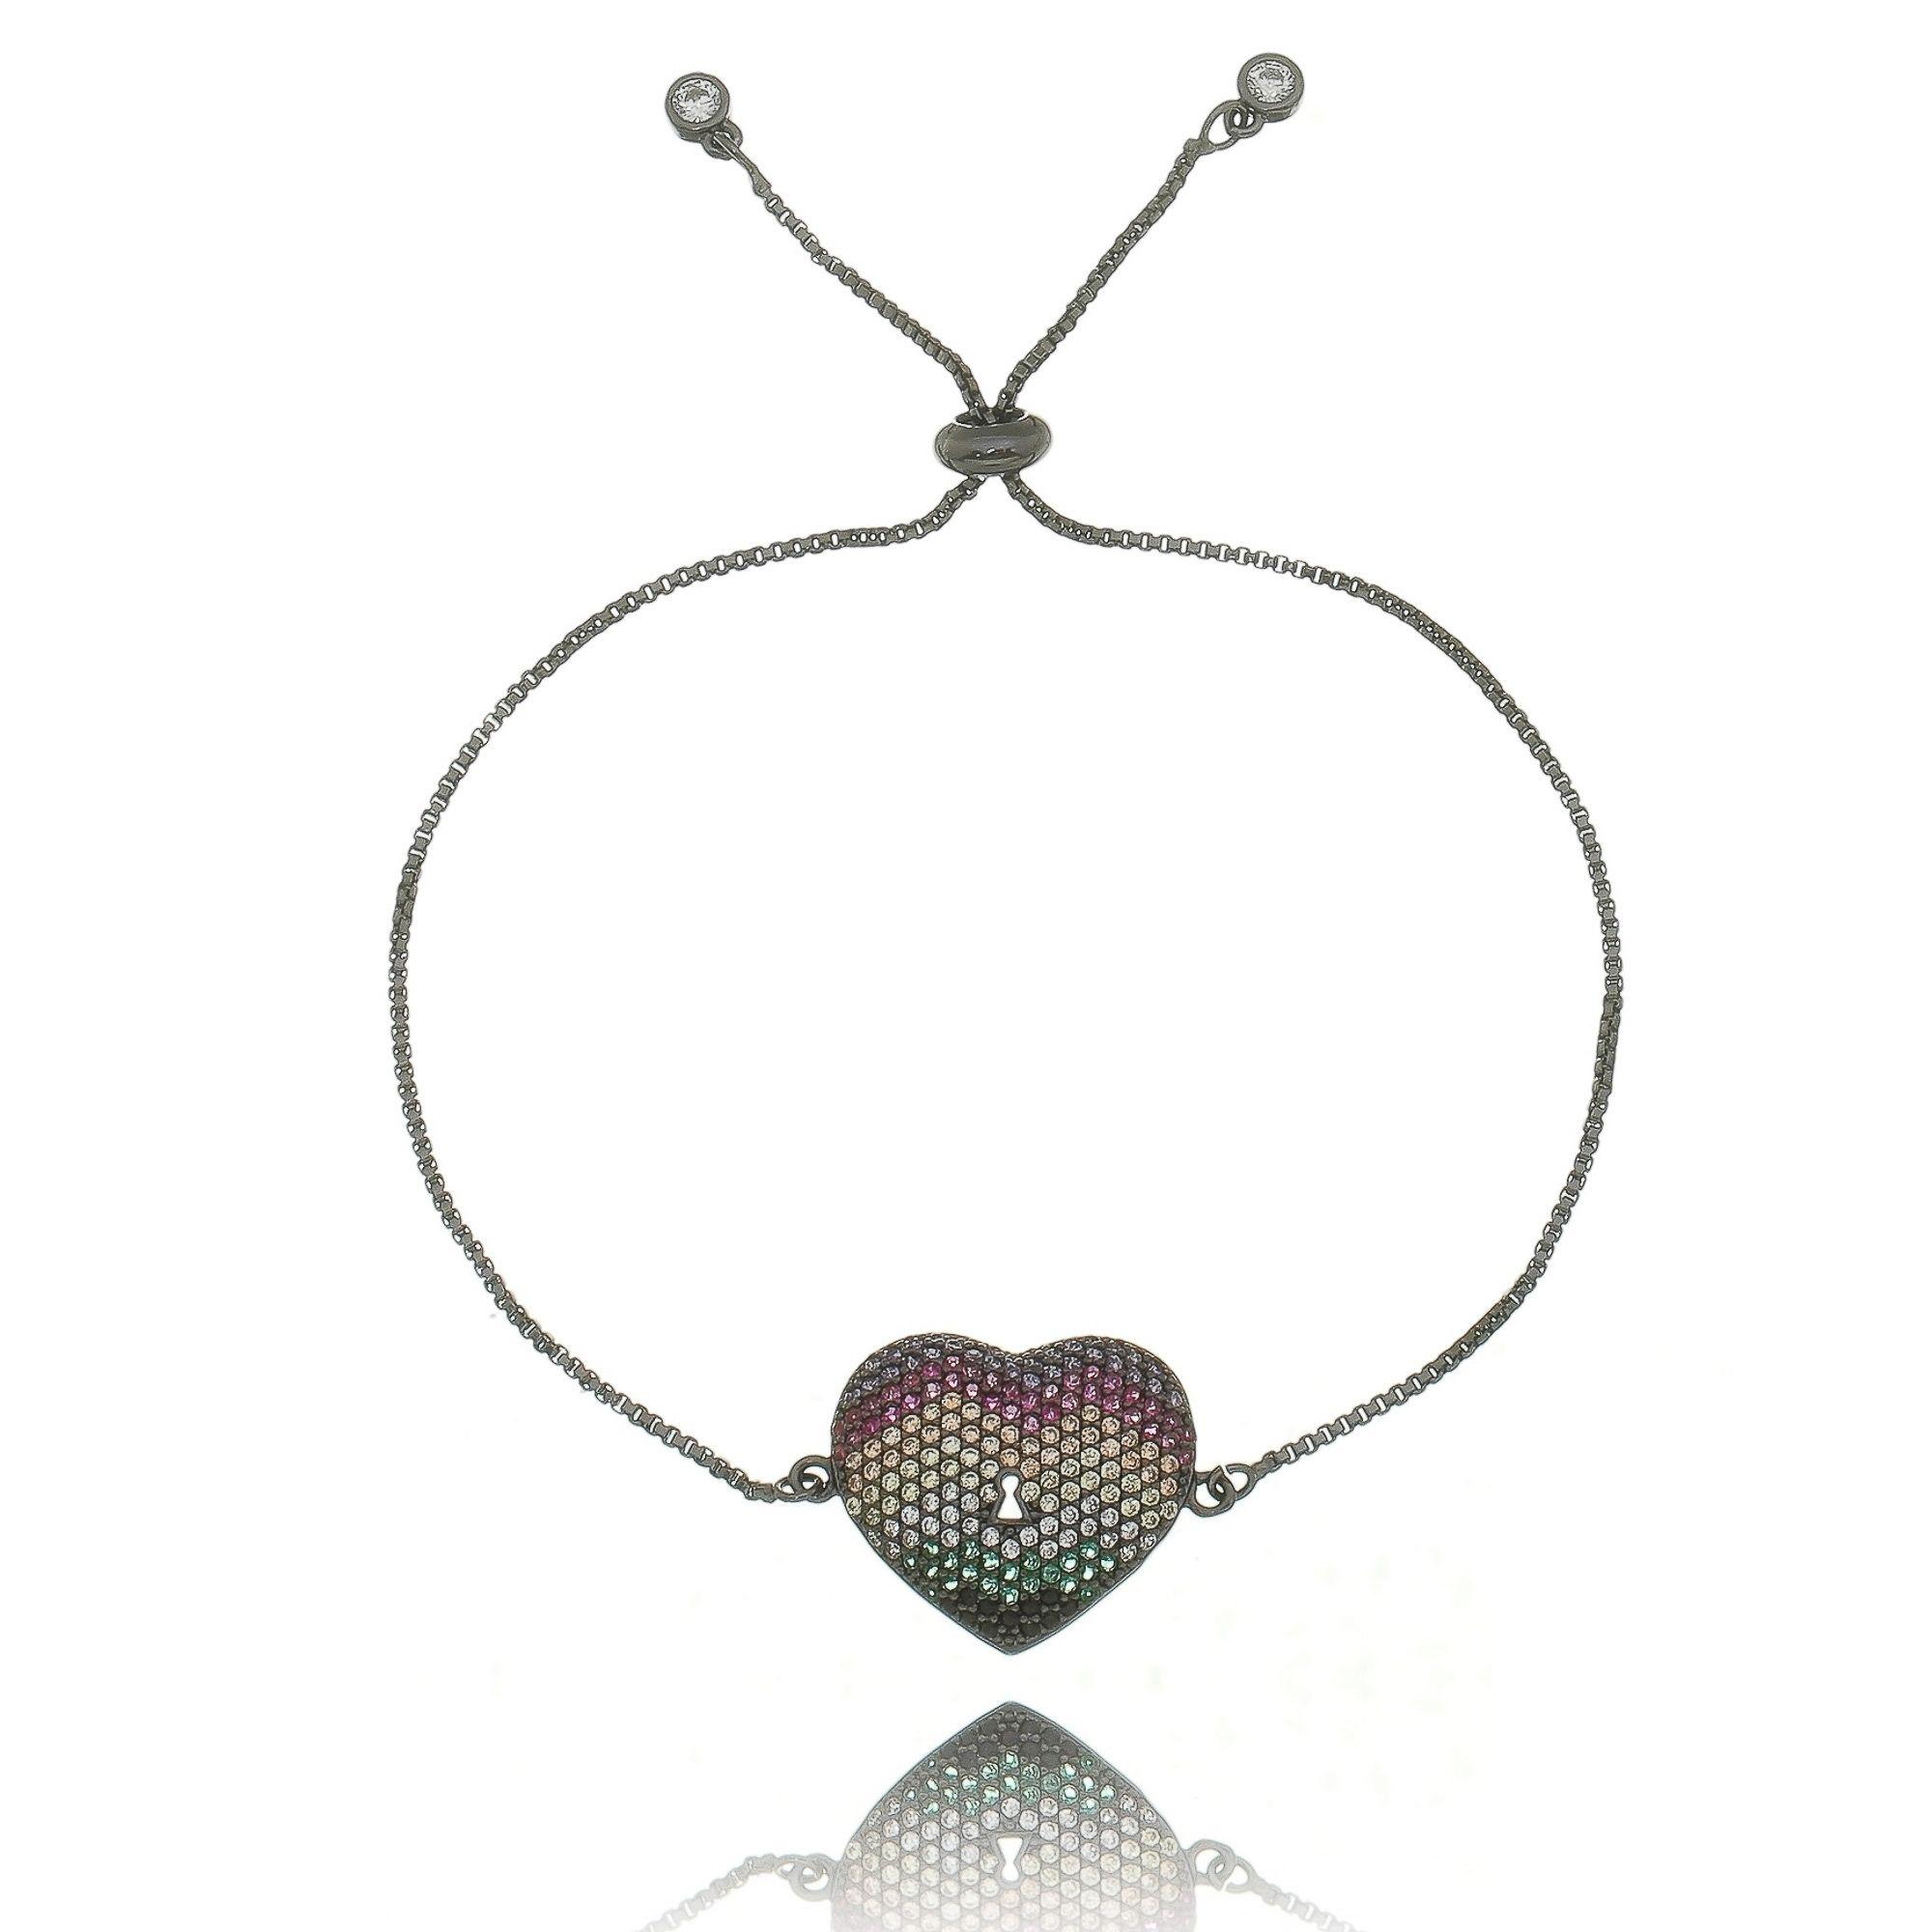 Pulseira de Zircônias Colorida Coração Ajustável Semijoia Online em Ródio Negro  - Soloyou